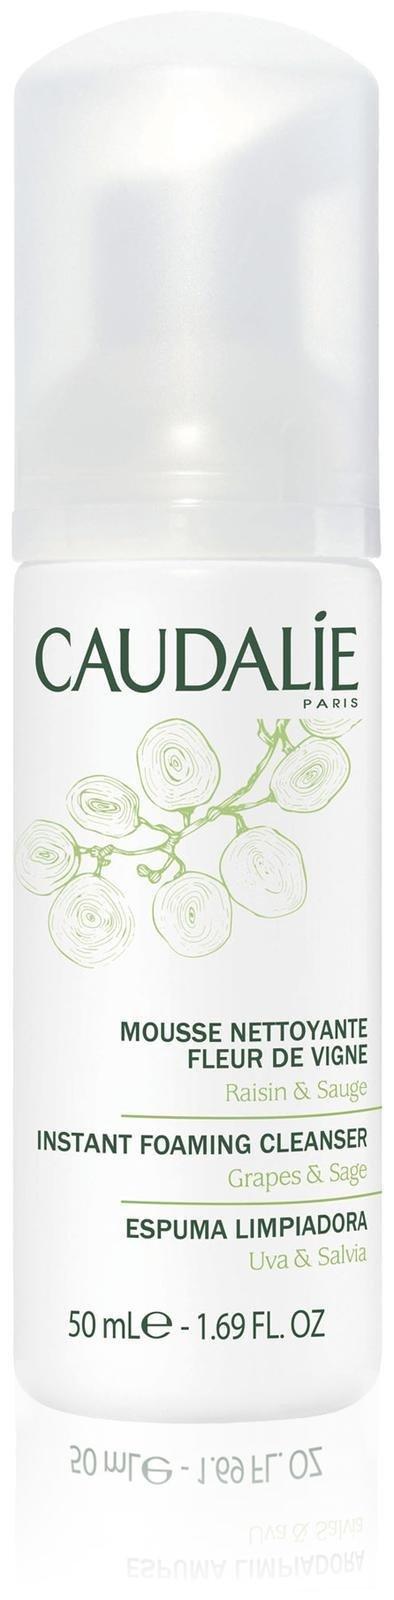 Caudalie Cleansers Instant Foaming Cleanser Fleur de Vigne travel-50 ml